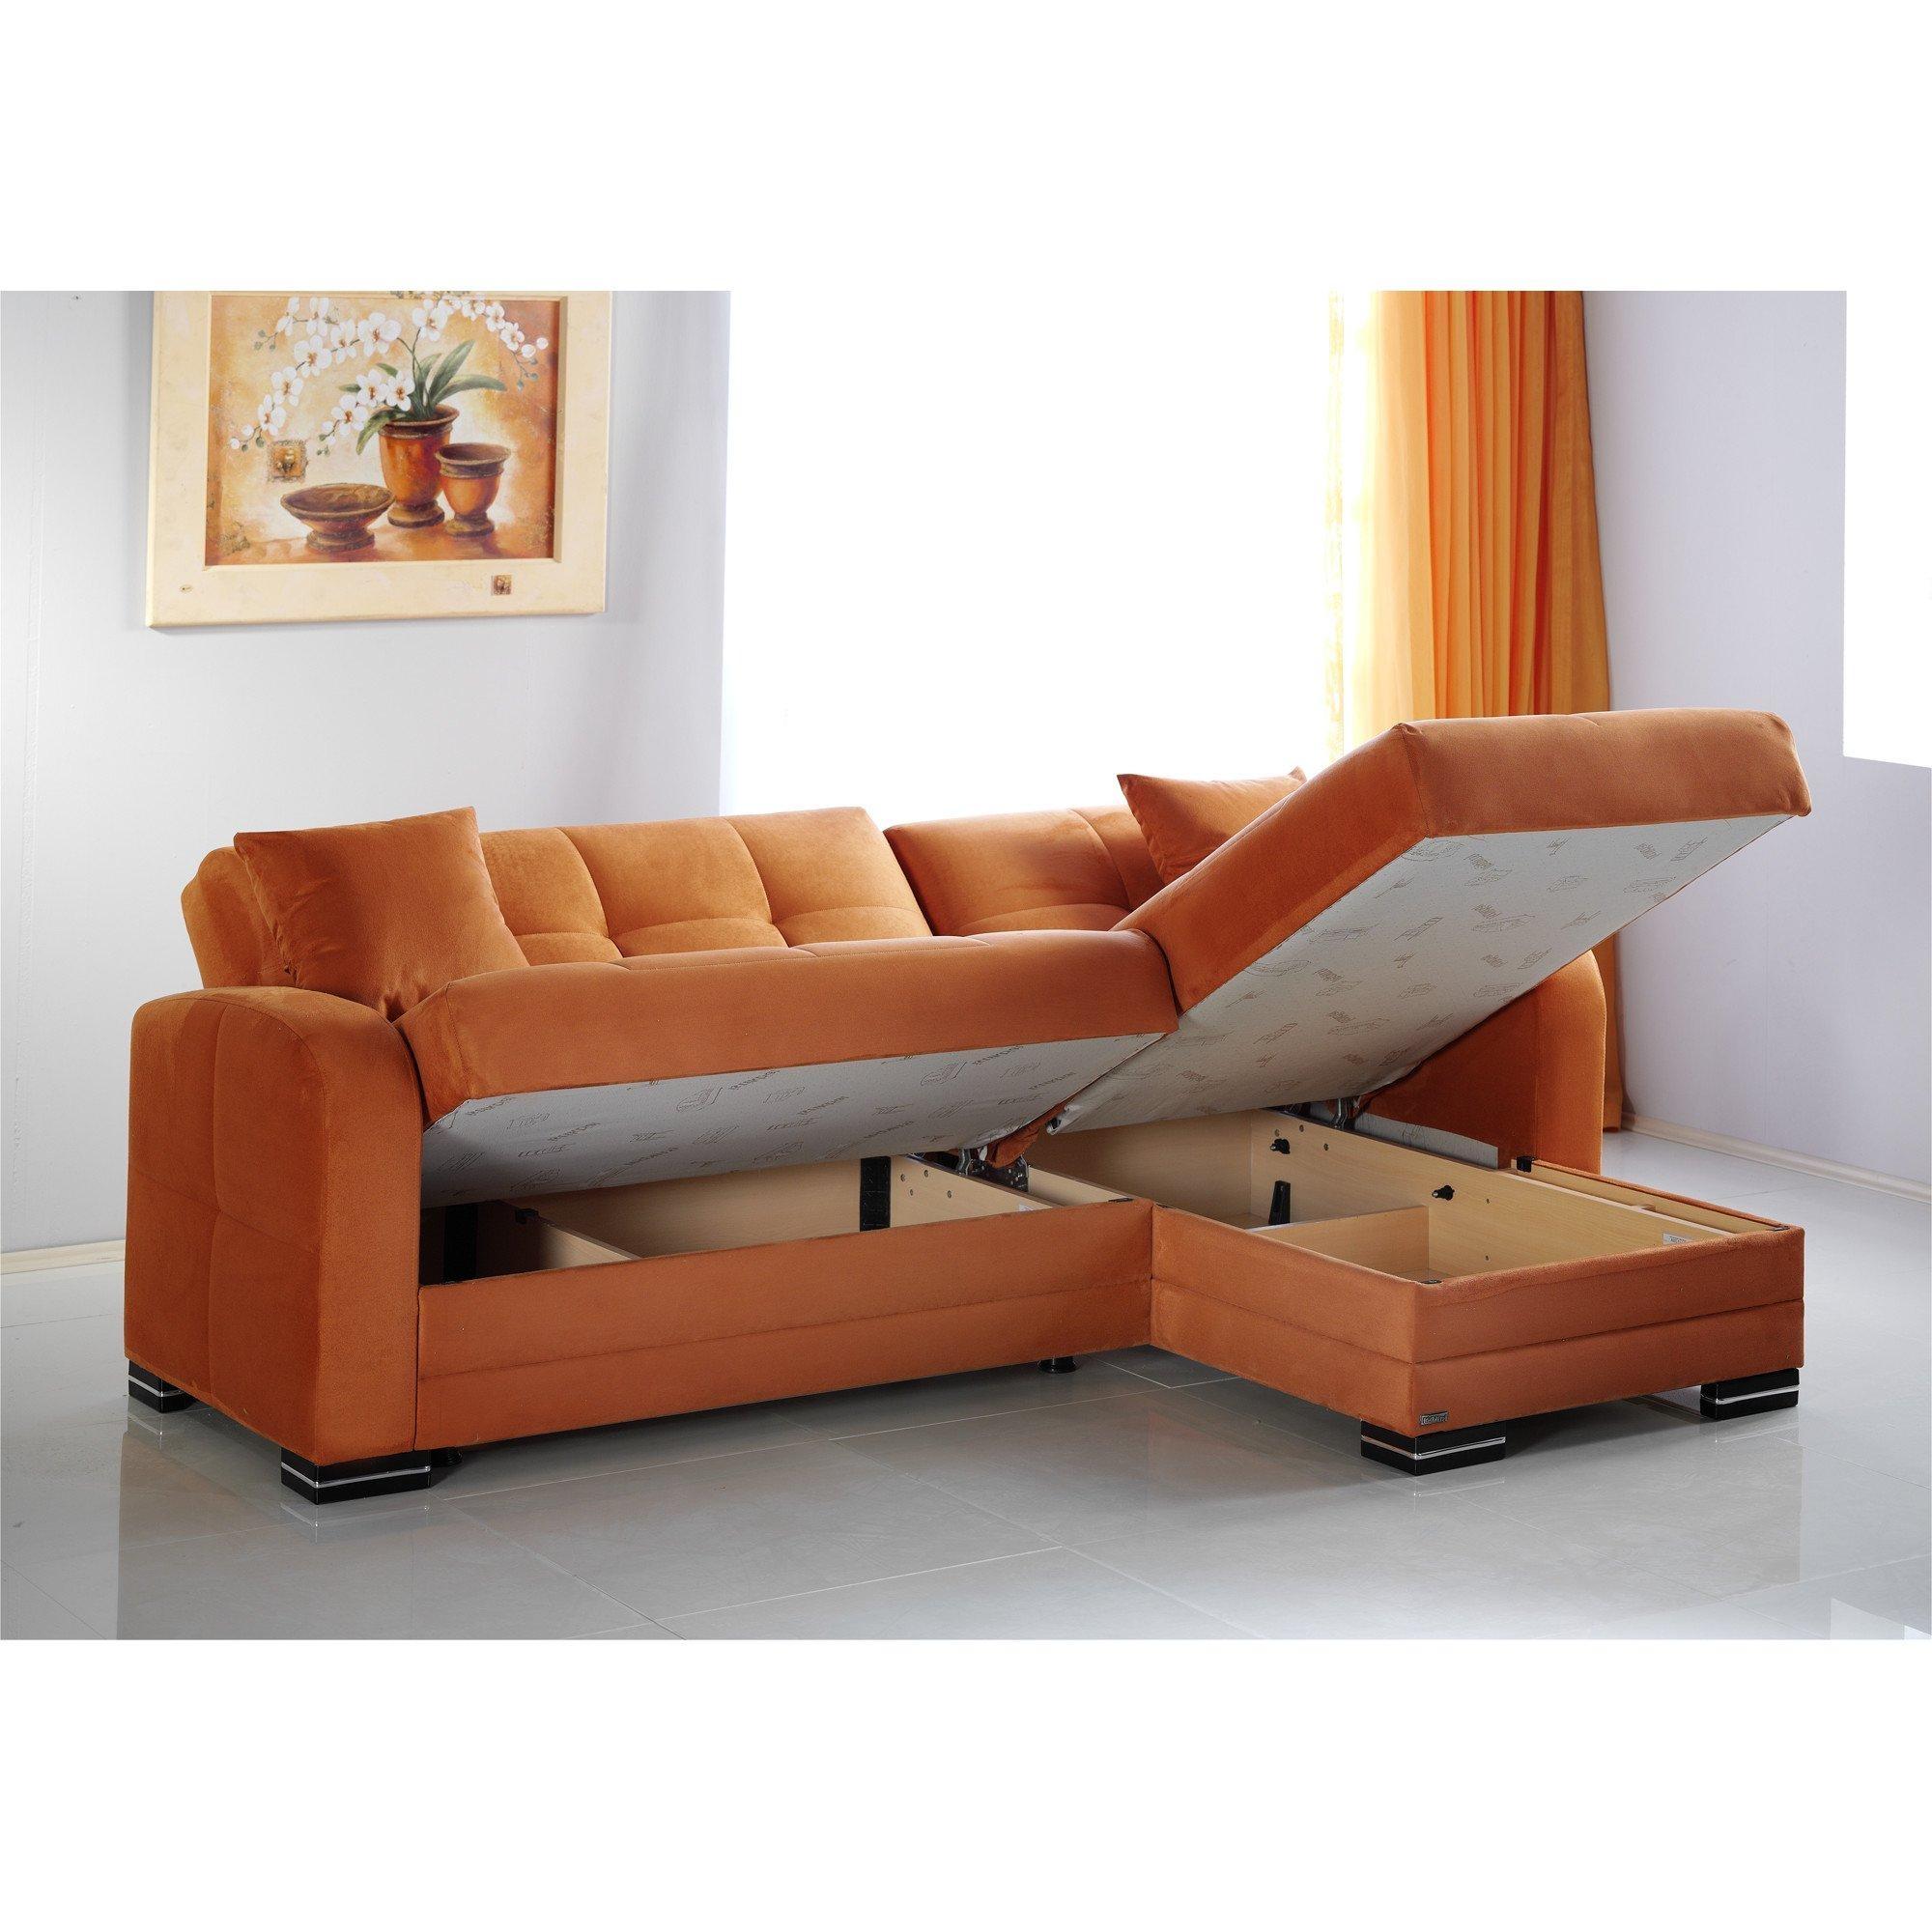 Kubo Rainbow Orange Sectional Sofasunset Throughout Orange Sectional Sofa (View 5 of 20)